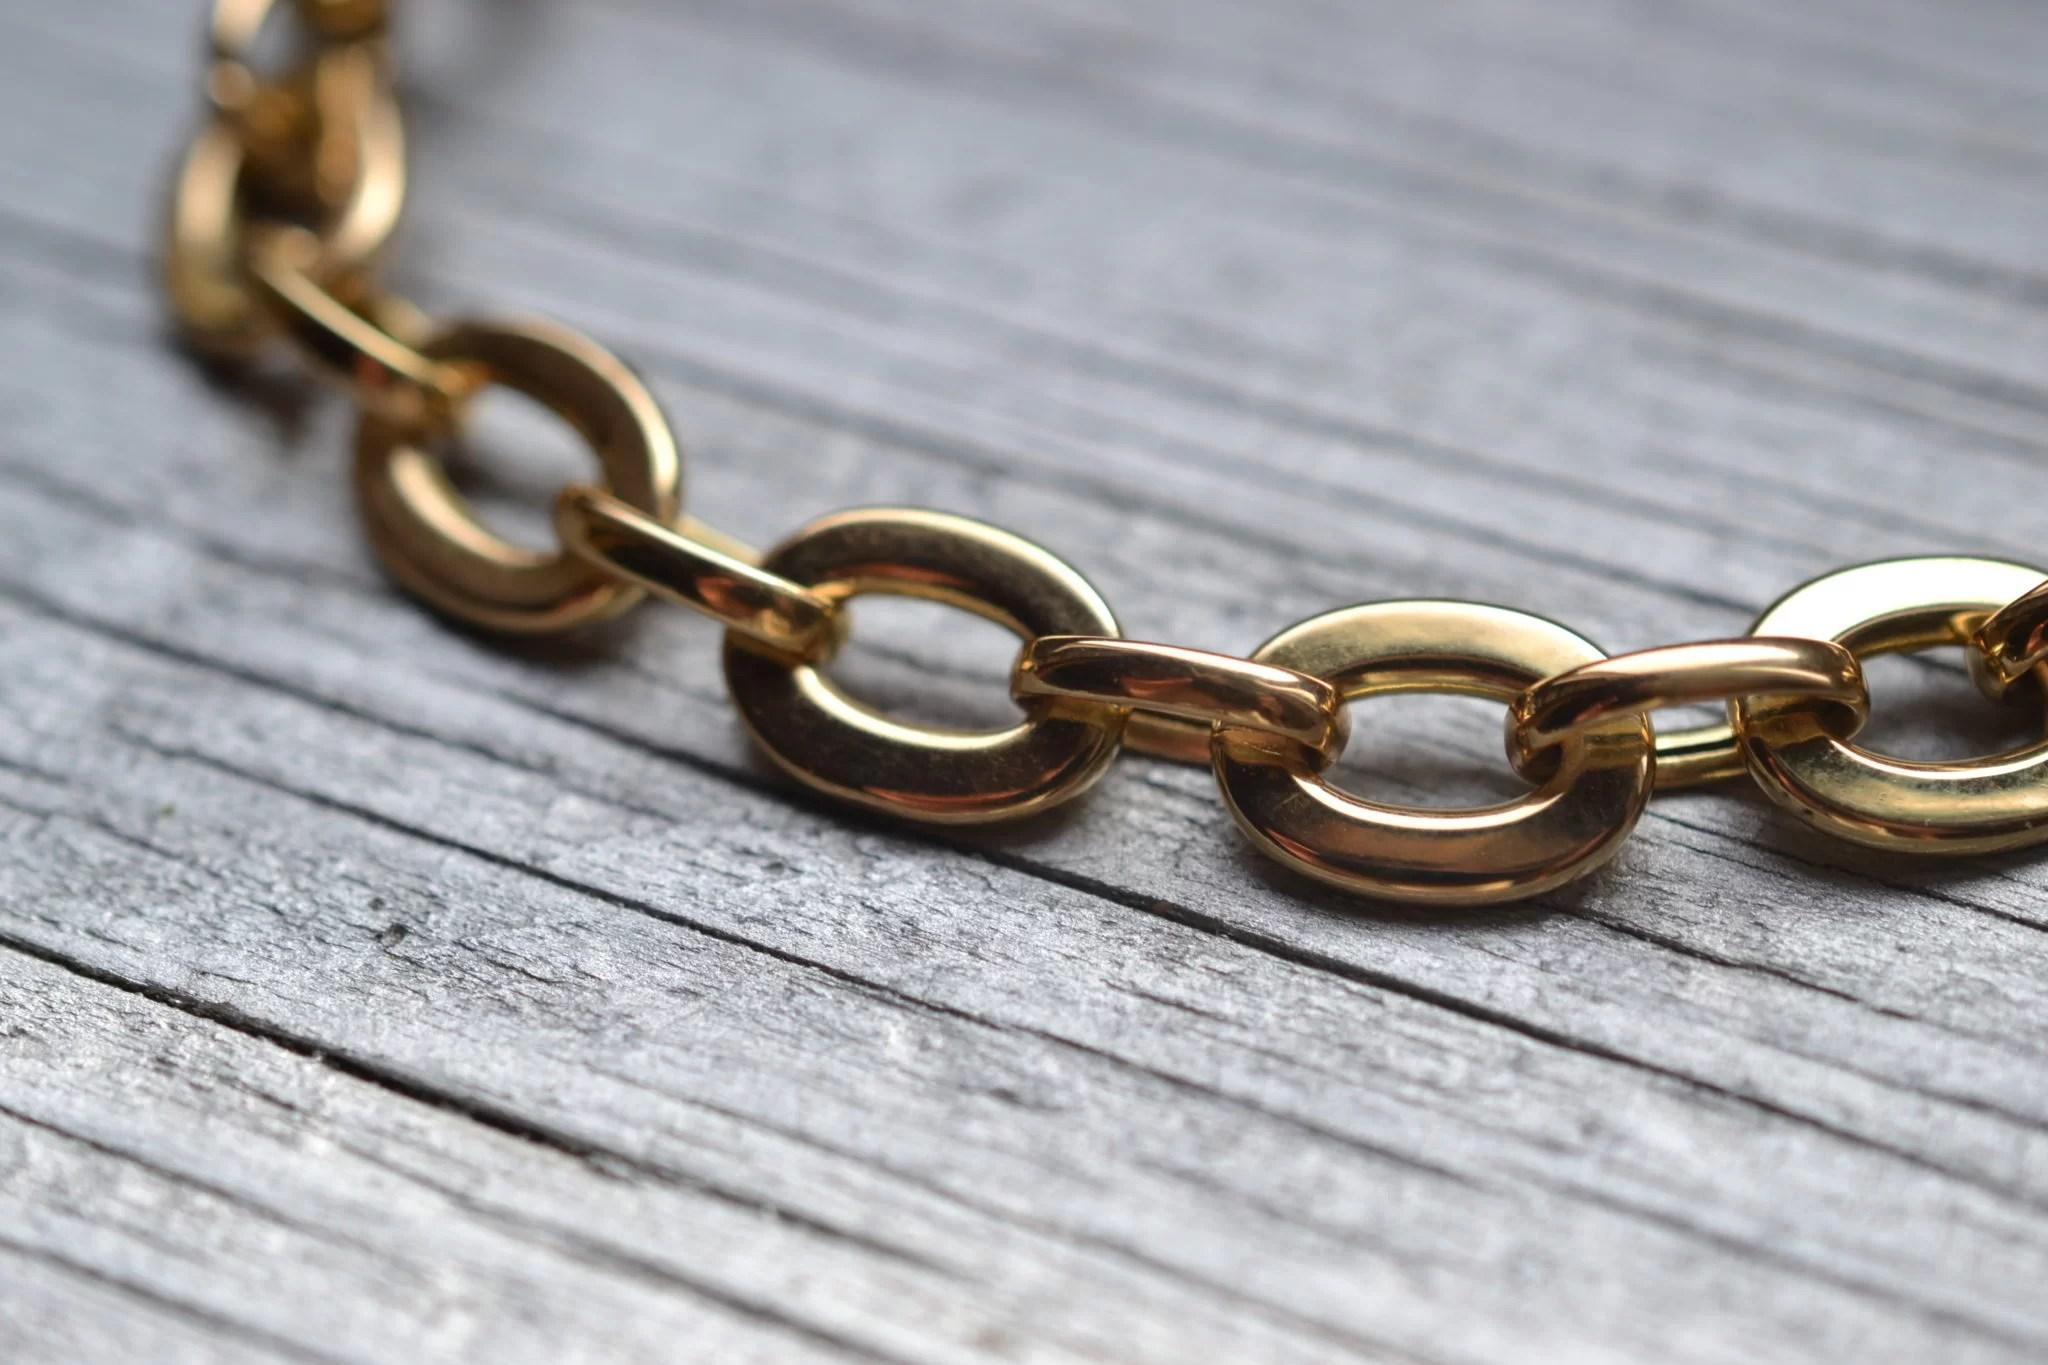 bracelet ancien maillons en Or 18 carats - bijoux ecoresponsables ethiques